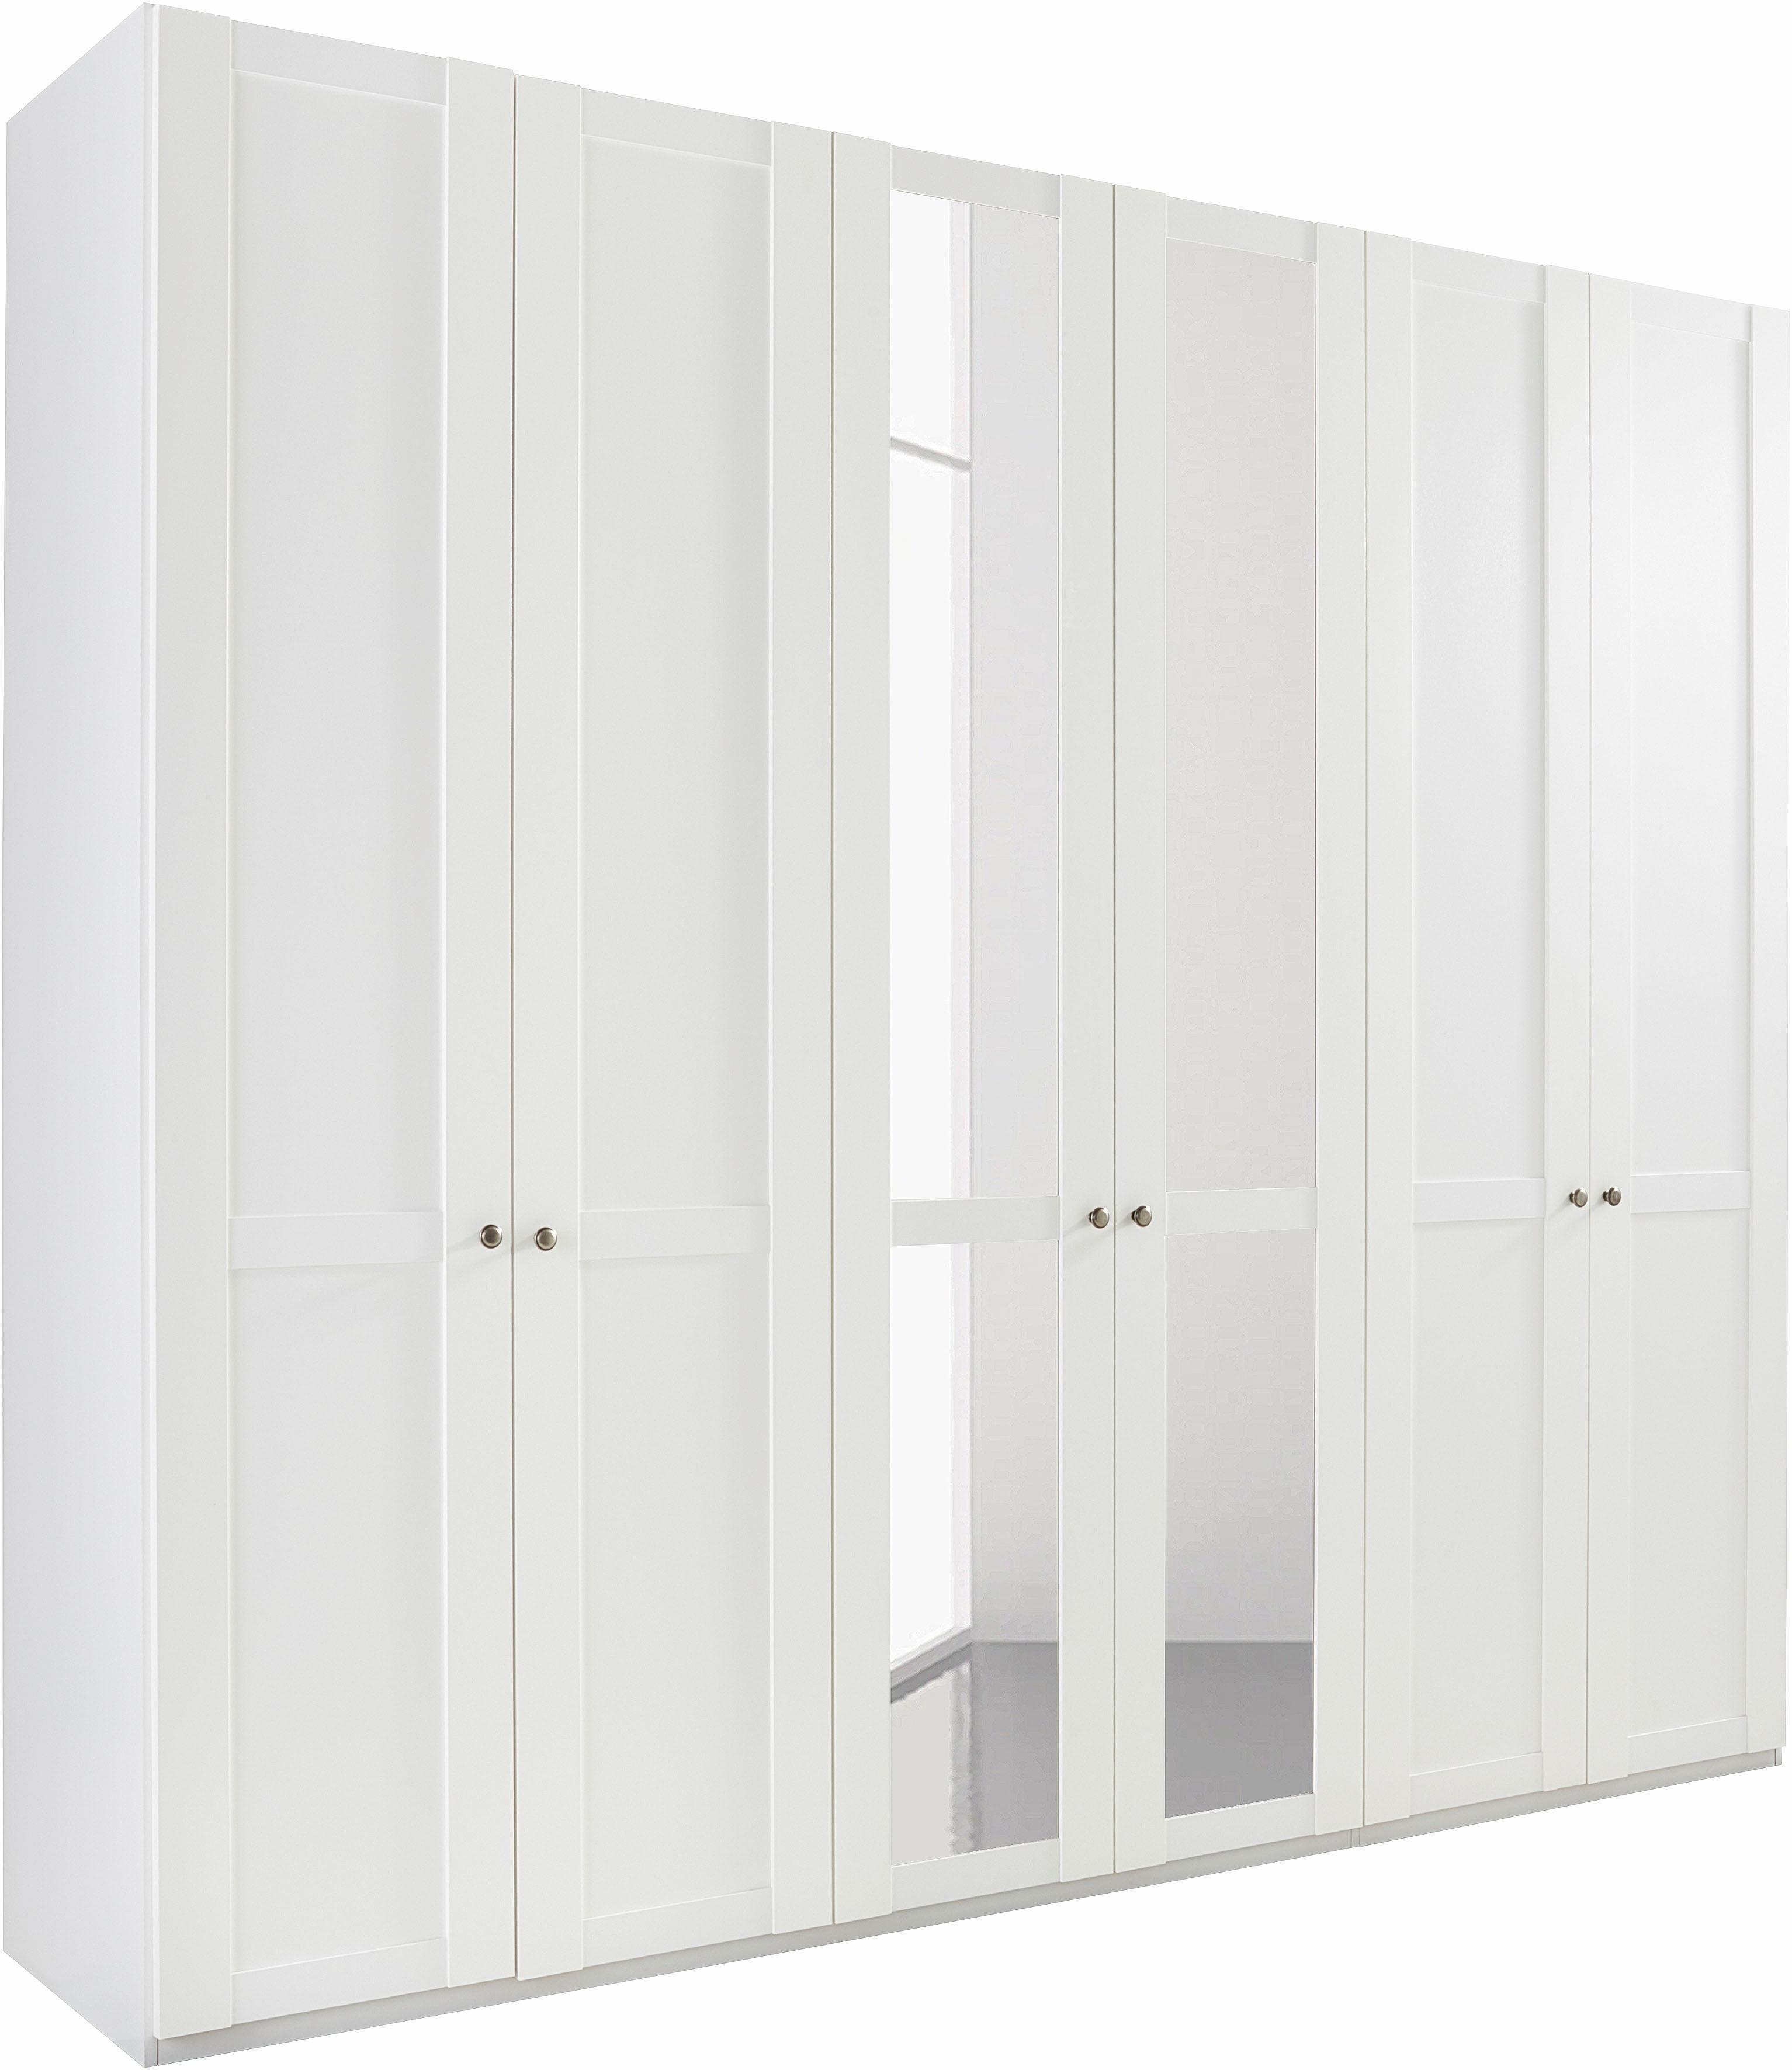 Wimex Kleiderschrank »Newport«, mit Spiegel | Schlafzimmer > Kleiderschränke > Drehtürenschränke | Weiß | Leinen | Wimex